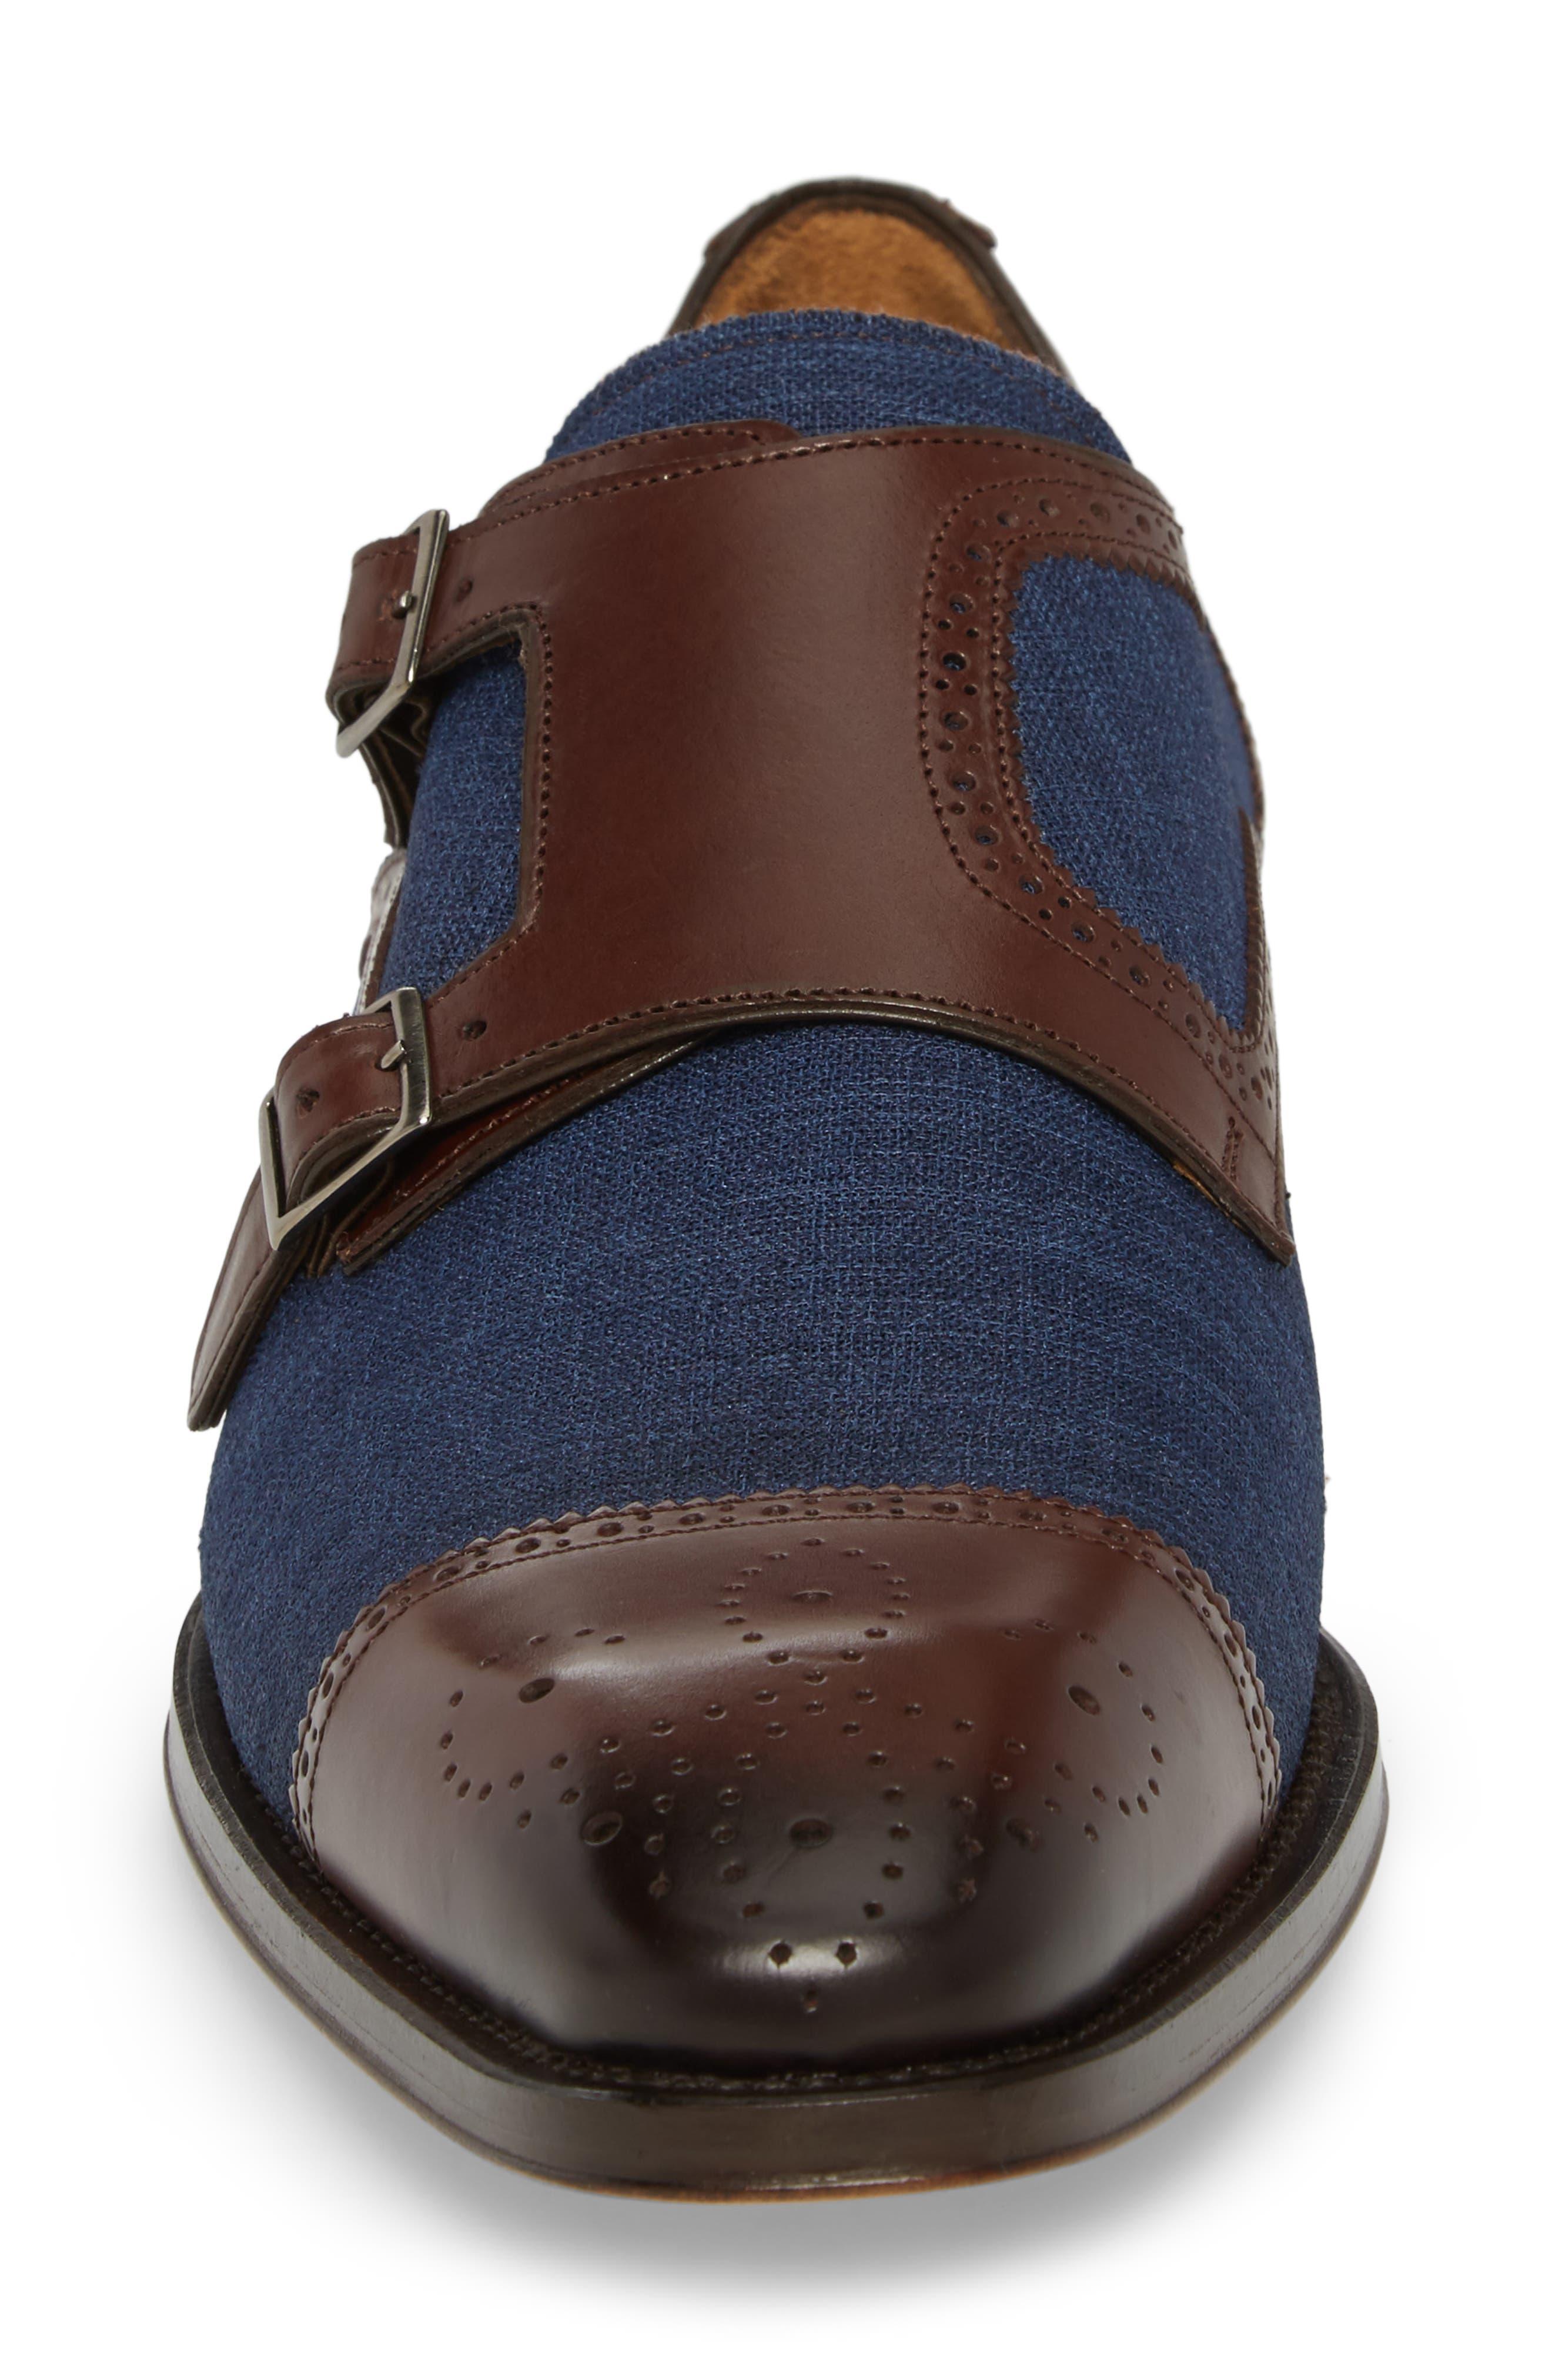 Cupido Double Monk Strap Cap Toe Shoe,                             Alternate thumbnail 4, color,                             BROWN/ BLUE LEATHER